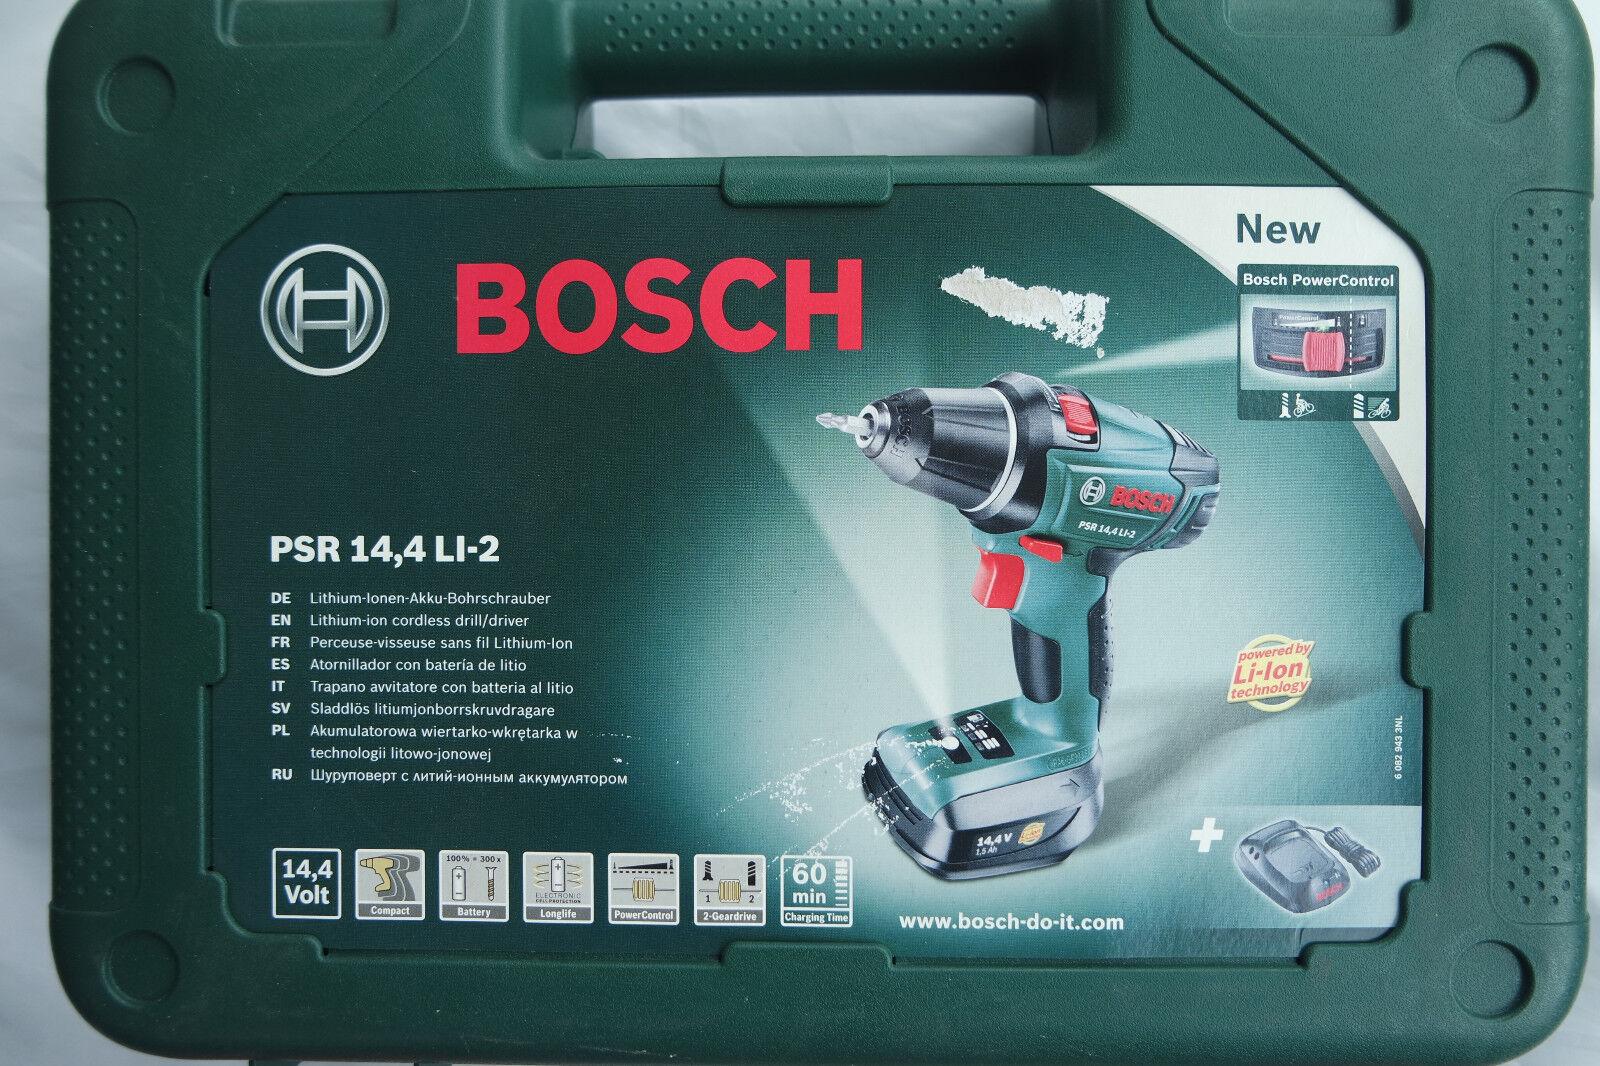 Bosch PSR 14,4 LI-2 Akku Bohrschrauber 1 Akku Akkuschrauber 14,4 volt